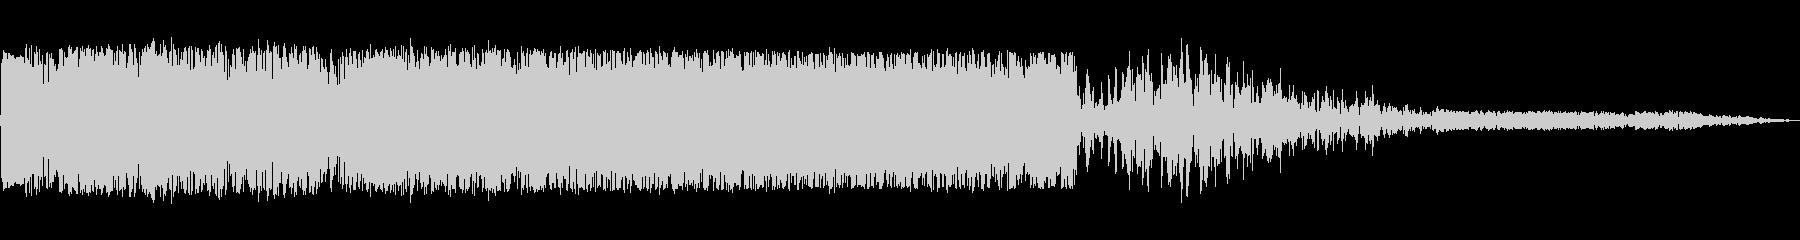 ズシャッ(斬る、斬撃の音)の未再生の波形